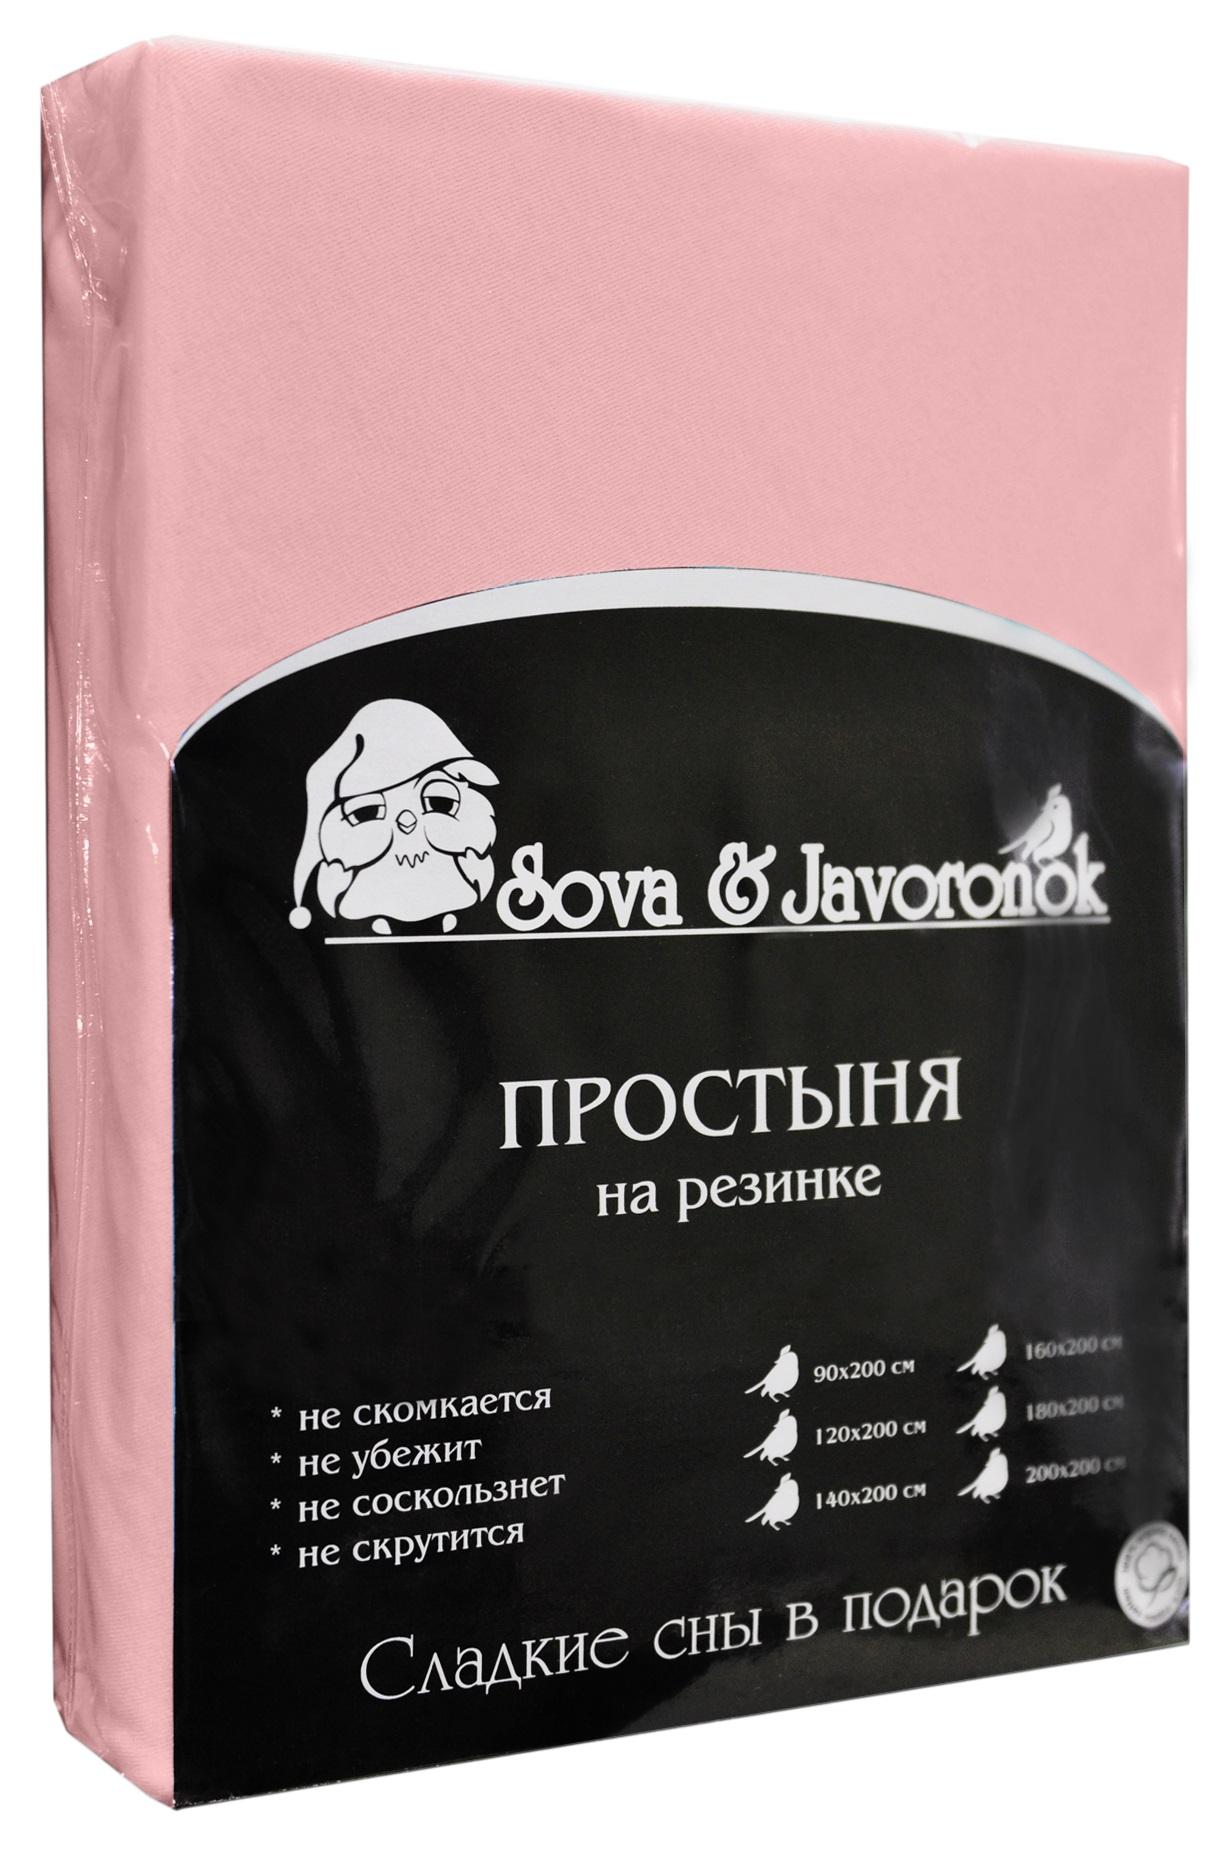 Простыня на резинке Sova & Javoronok, цвет: светло-розовый, 180 х 200 см0803114200Простыня на резинке Sova & Javoronok, изготовленная из трикотажной ткани (100% хлопок), будет превосходно смотреться с любыми комплектами белья. Хлопчатобумажный трикотаж по праву считается одним из самых качественных, прочных и при этом приятных на ощупь. Его гигиеничность позволяет использовать простыню и в детских комнатах, к тому же 100%-ый хлопок в составе ткани не вызовет аллергии. У трикотажного полотна очень интересная структура, немного рыхлая за счет отсутствия плотного переплетения нитей и наличия особых петель, благодаря этому простыня Сова и Жаворонок отлично пропускает воздух и способствует его постоянной циркуляции. Поэтому ваша постель будет всегда оставаться свежей. Но главное и, пожалуй, самое известное свойство трикотажа - это его великолепная растяжимость, поэтому эта ткань и была выбрана для натяжной простыни на резинке. Простыня прошита резинкой по всему периметру, что обеспечивает более комфортный отдых, так как она прочно удерживается на матрасе и...